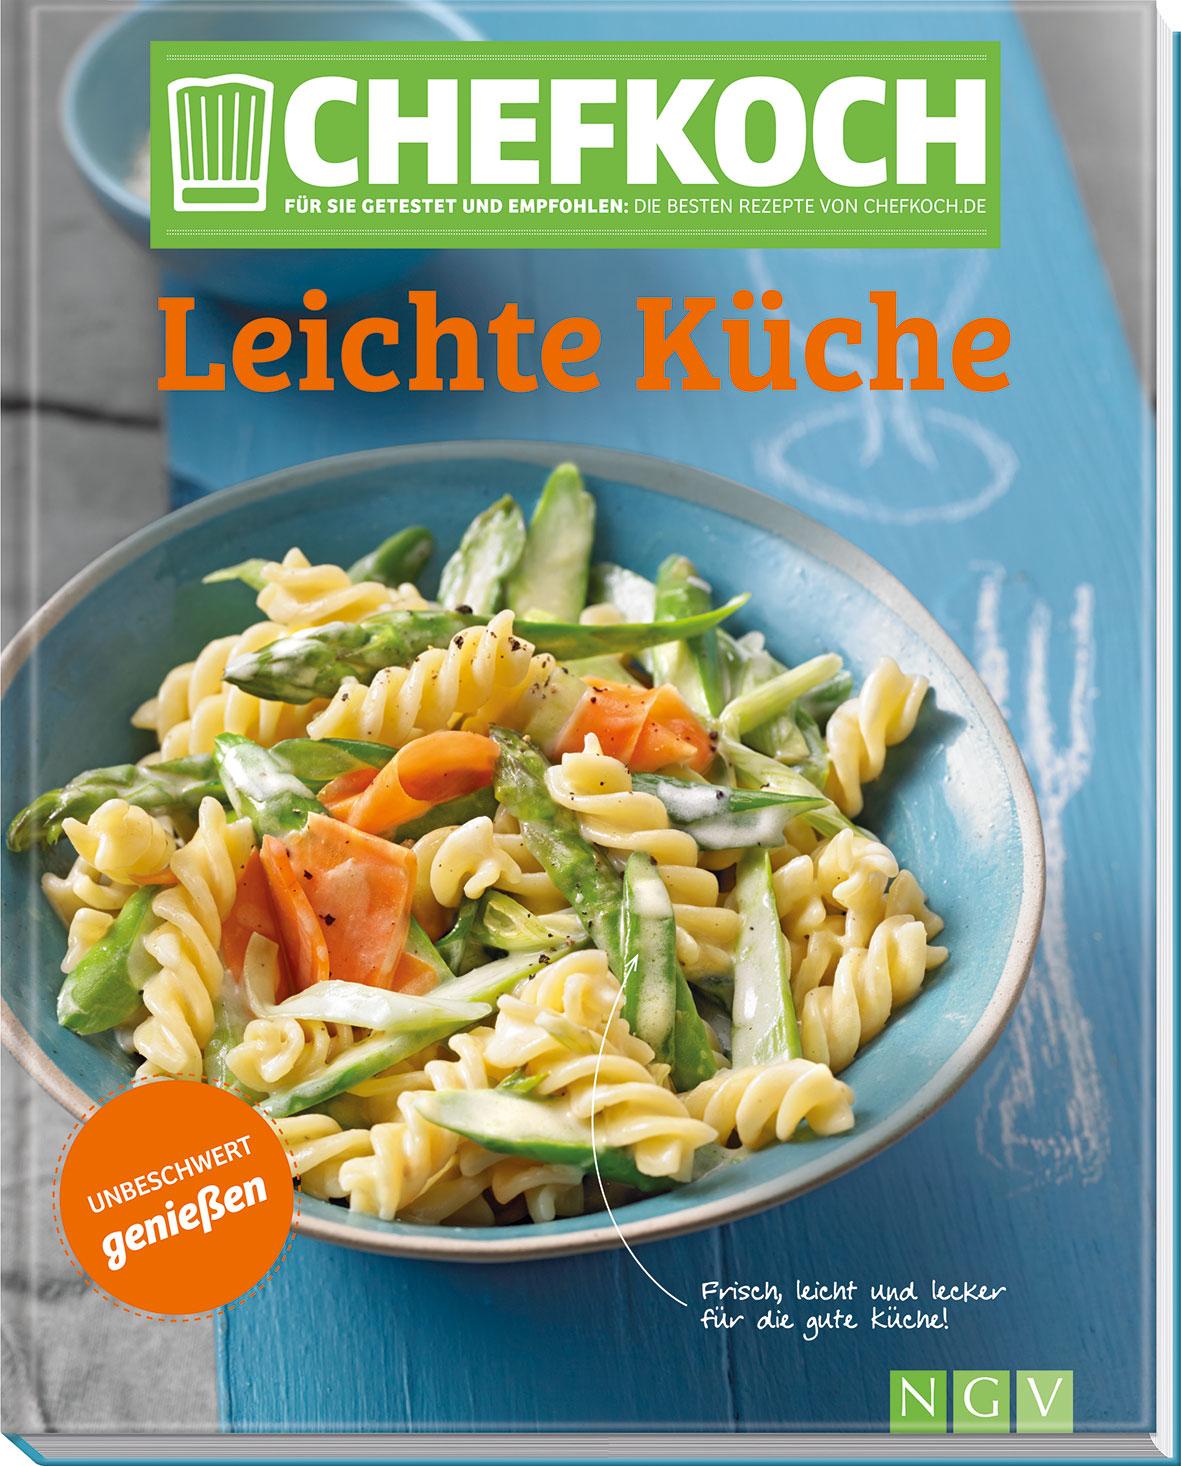 Chefkoch Leichte Küche: Für Sie getestet und empfohlen - Die besten Rezepte von Chefkoch.de